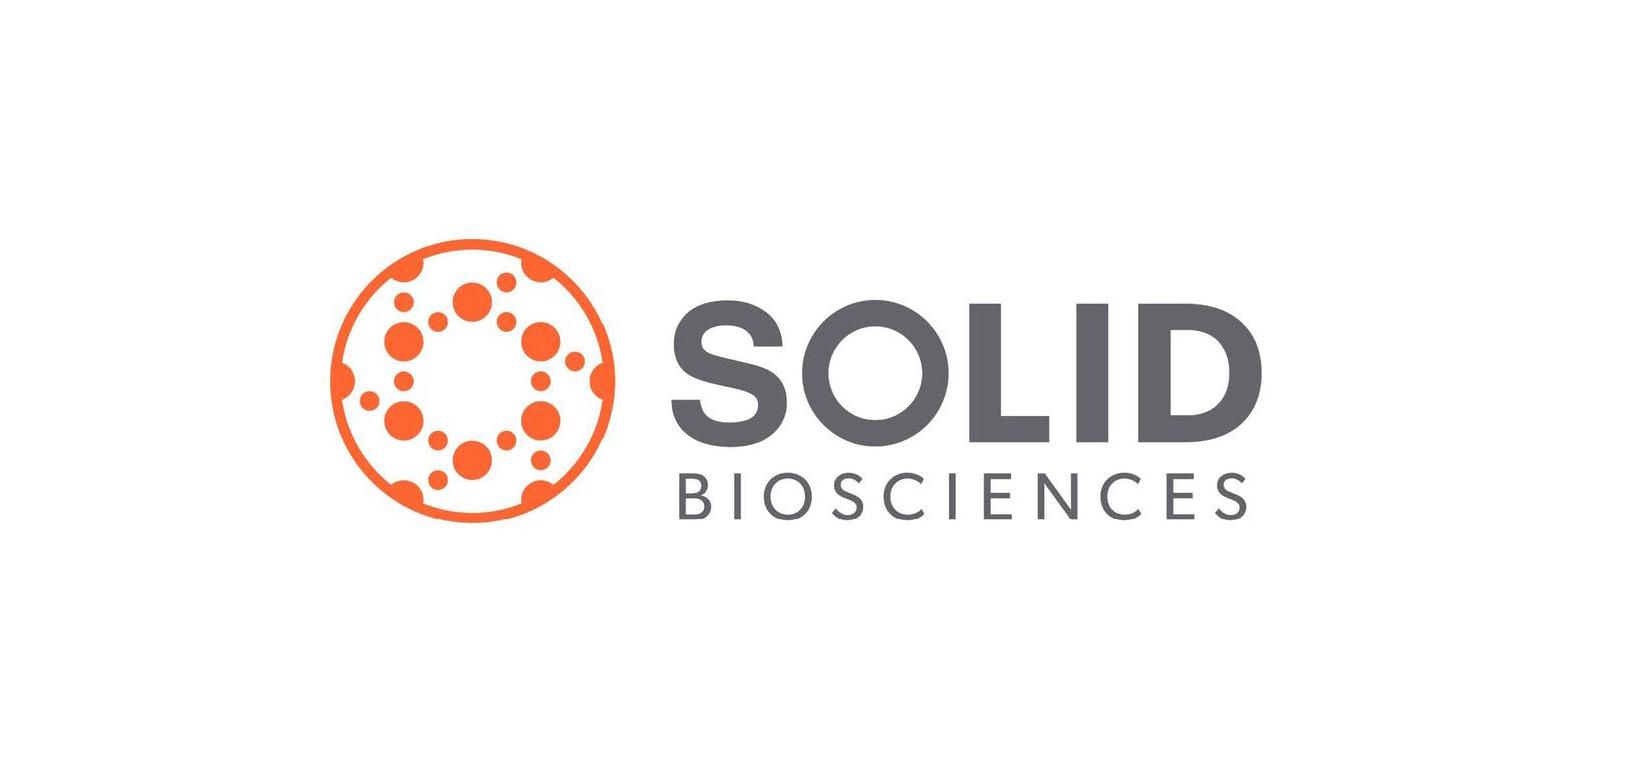 «Солид байосайенсиз» (Solid Biosciences).